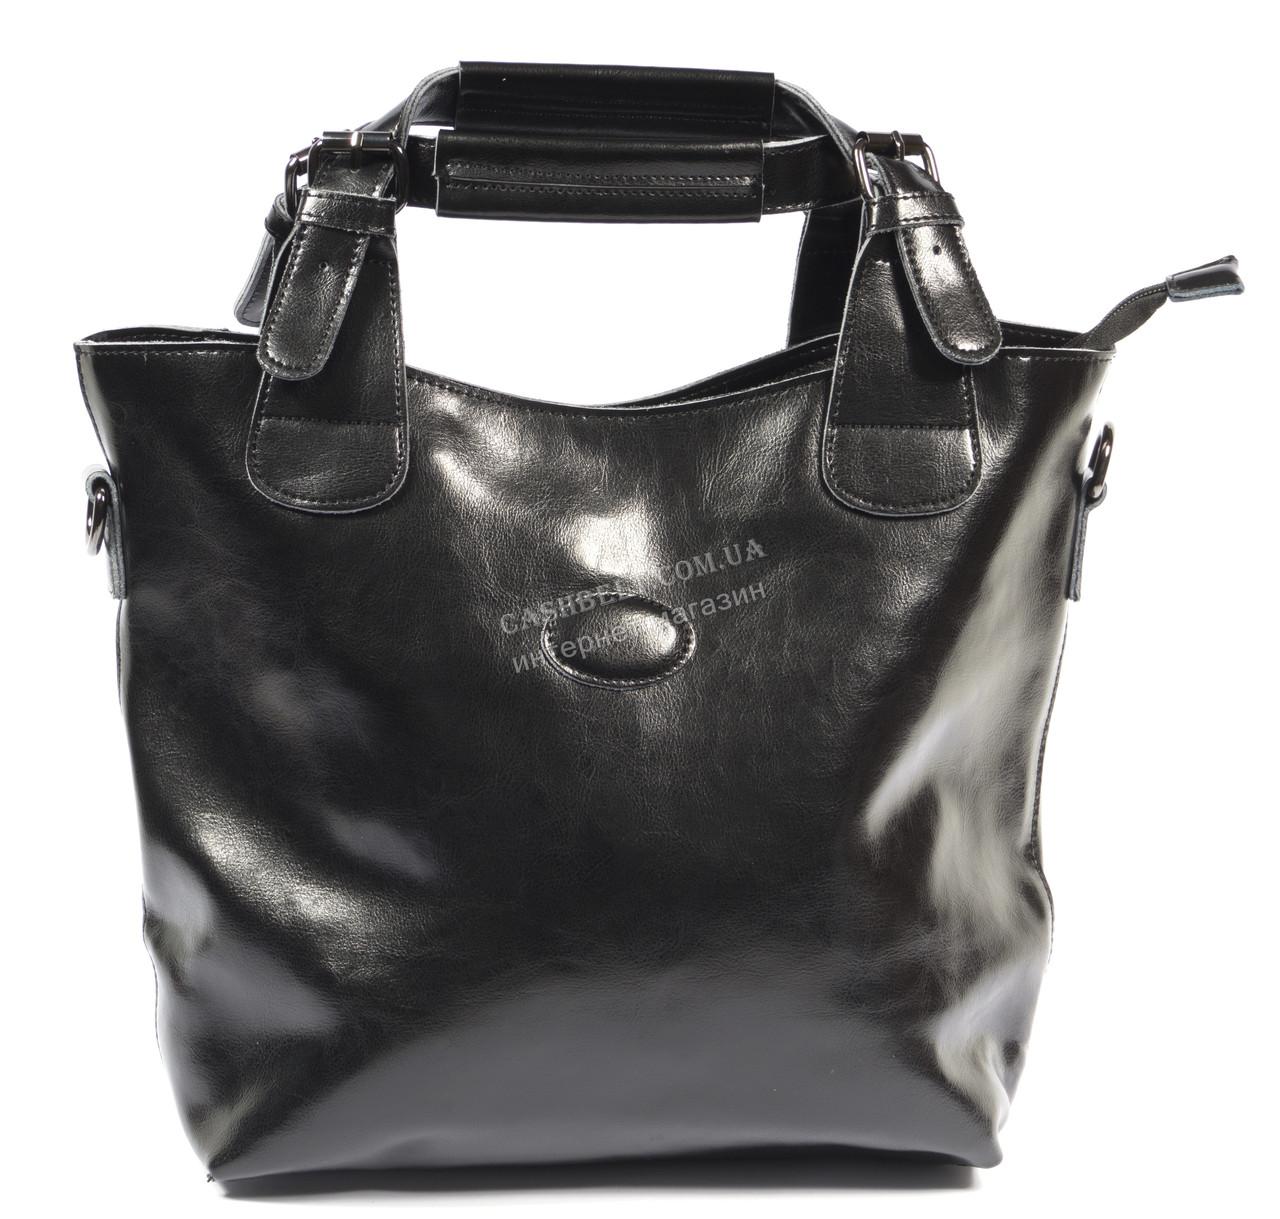 Стильная кожаная объемная женская сумка черного цвета SOLANA art. 50033